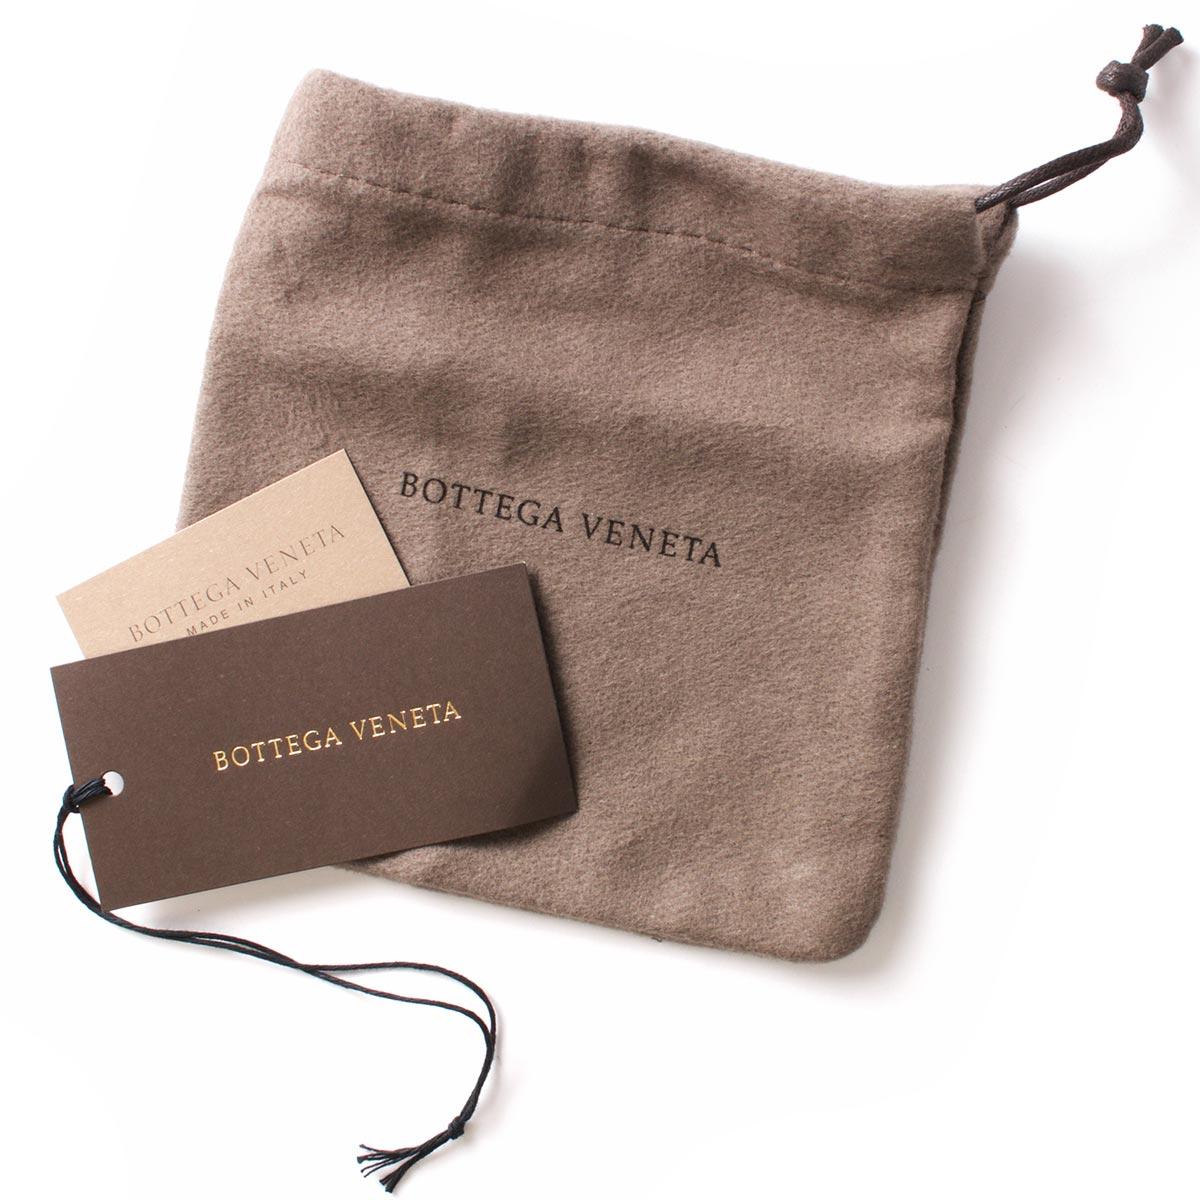 ボッテガヴェネタ (ボッテガ・ヴェネタ) ブレスレット アクセサリー メンズ イントレチャート ブラック 339580 V001N 1000 BOTTEGA VENETA